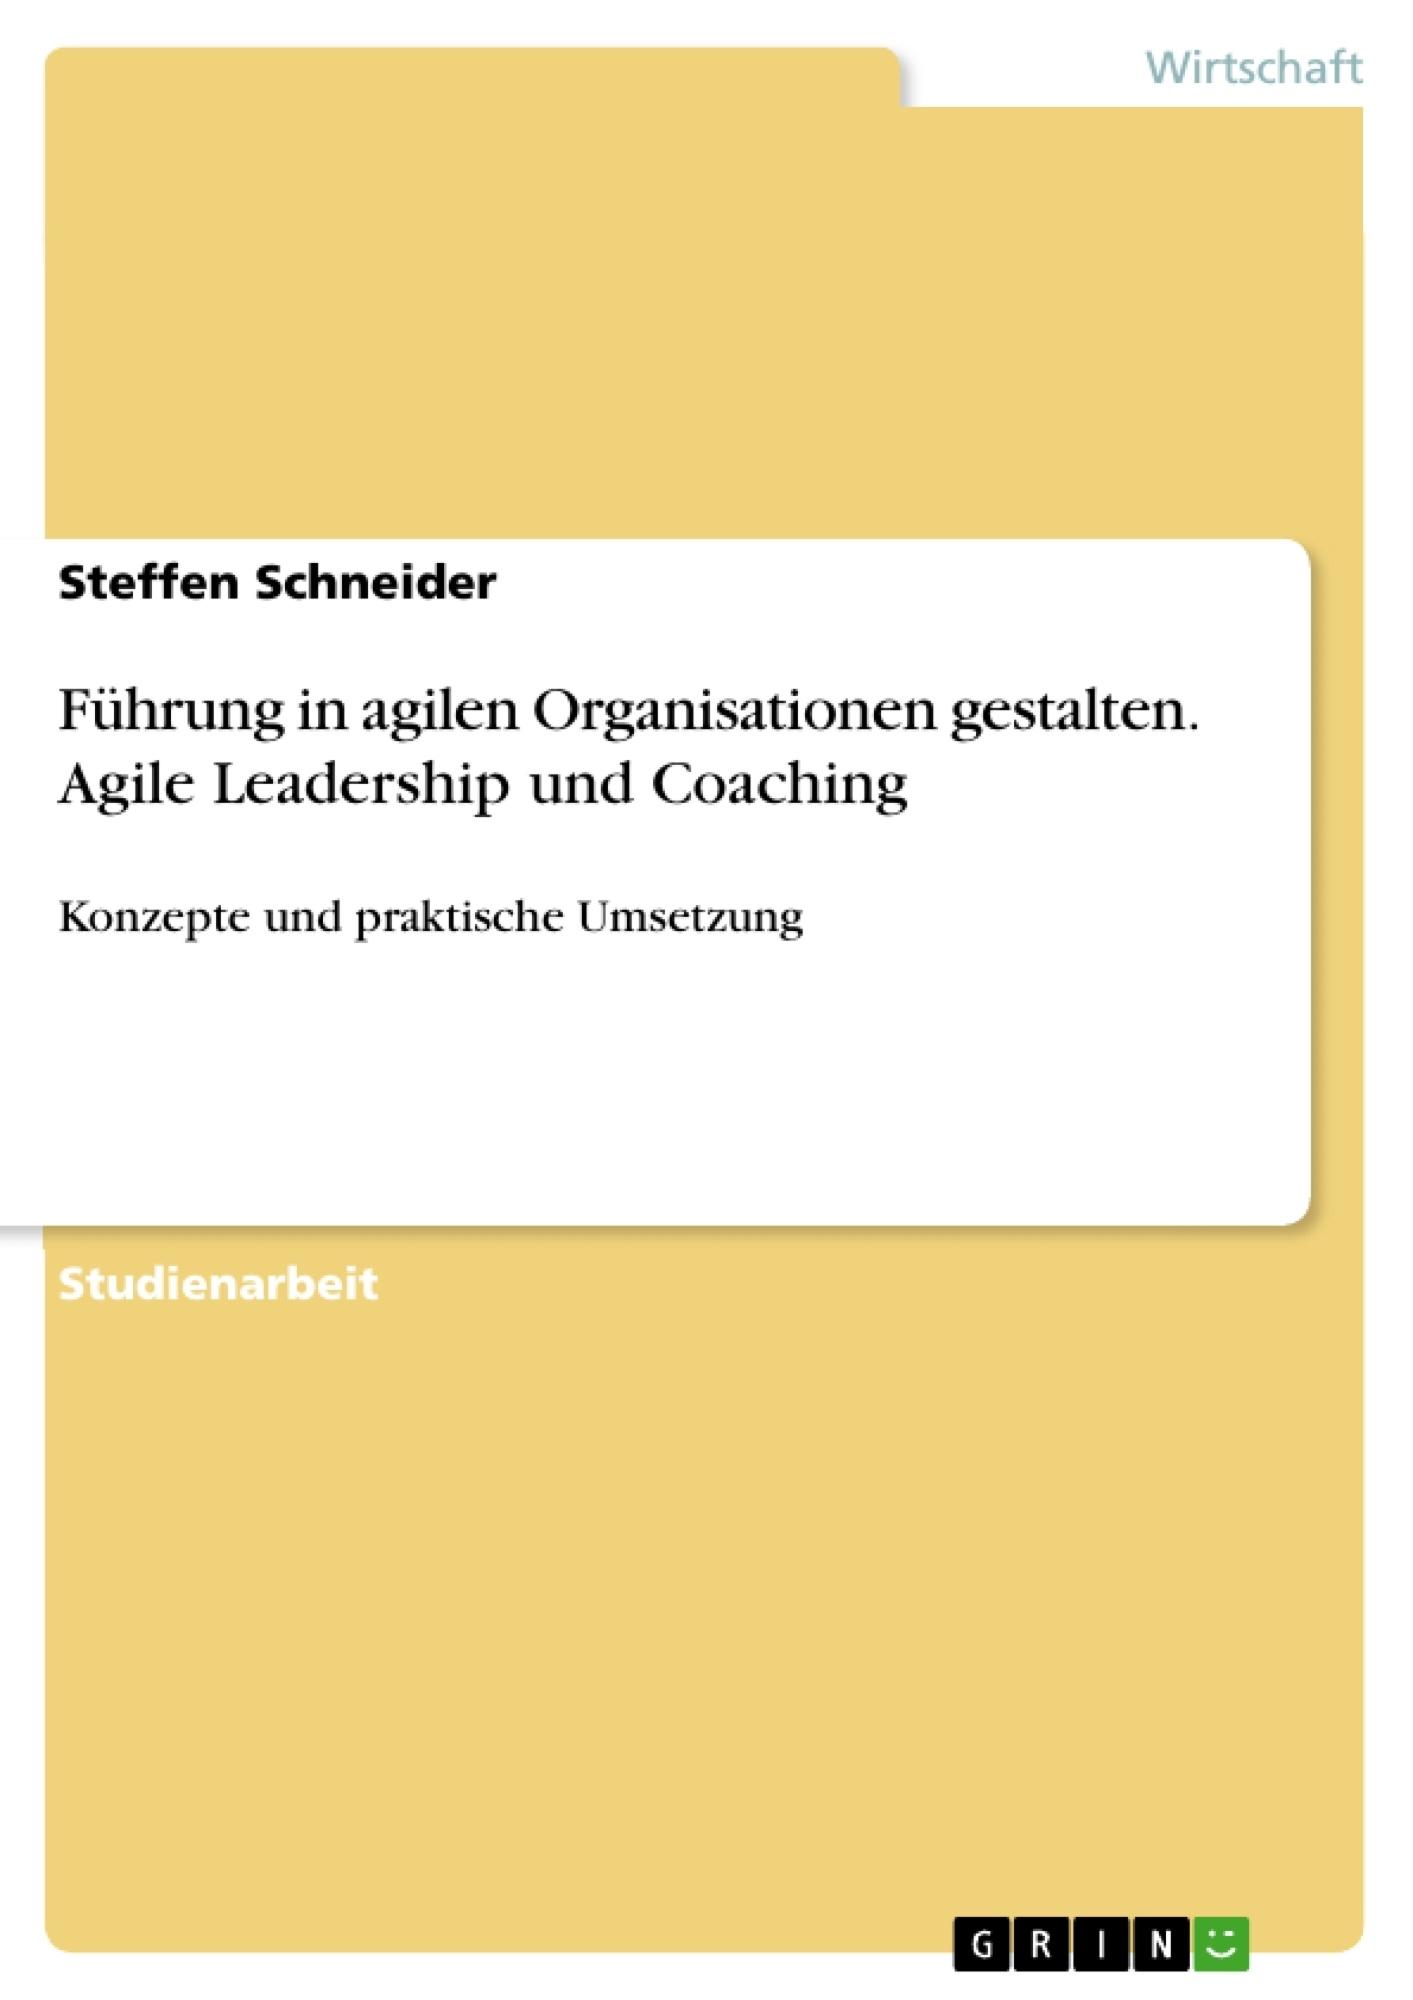 Titel: Führung in agilen Organisationen gestalten. Agile Leadership und Coaching